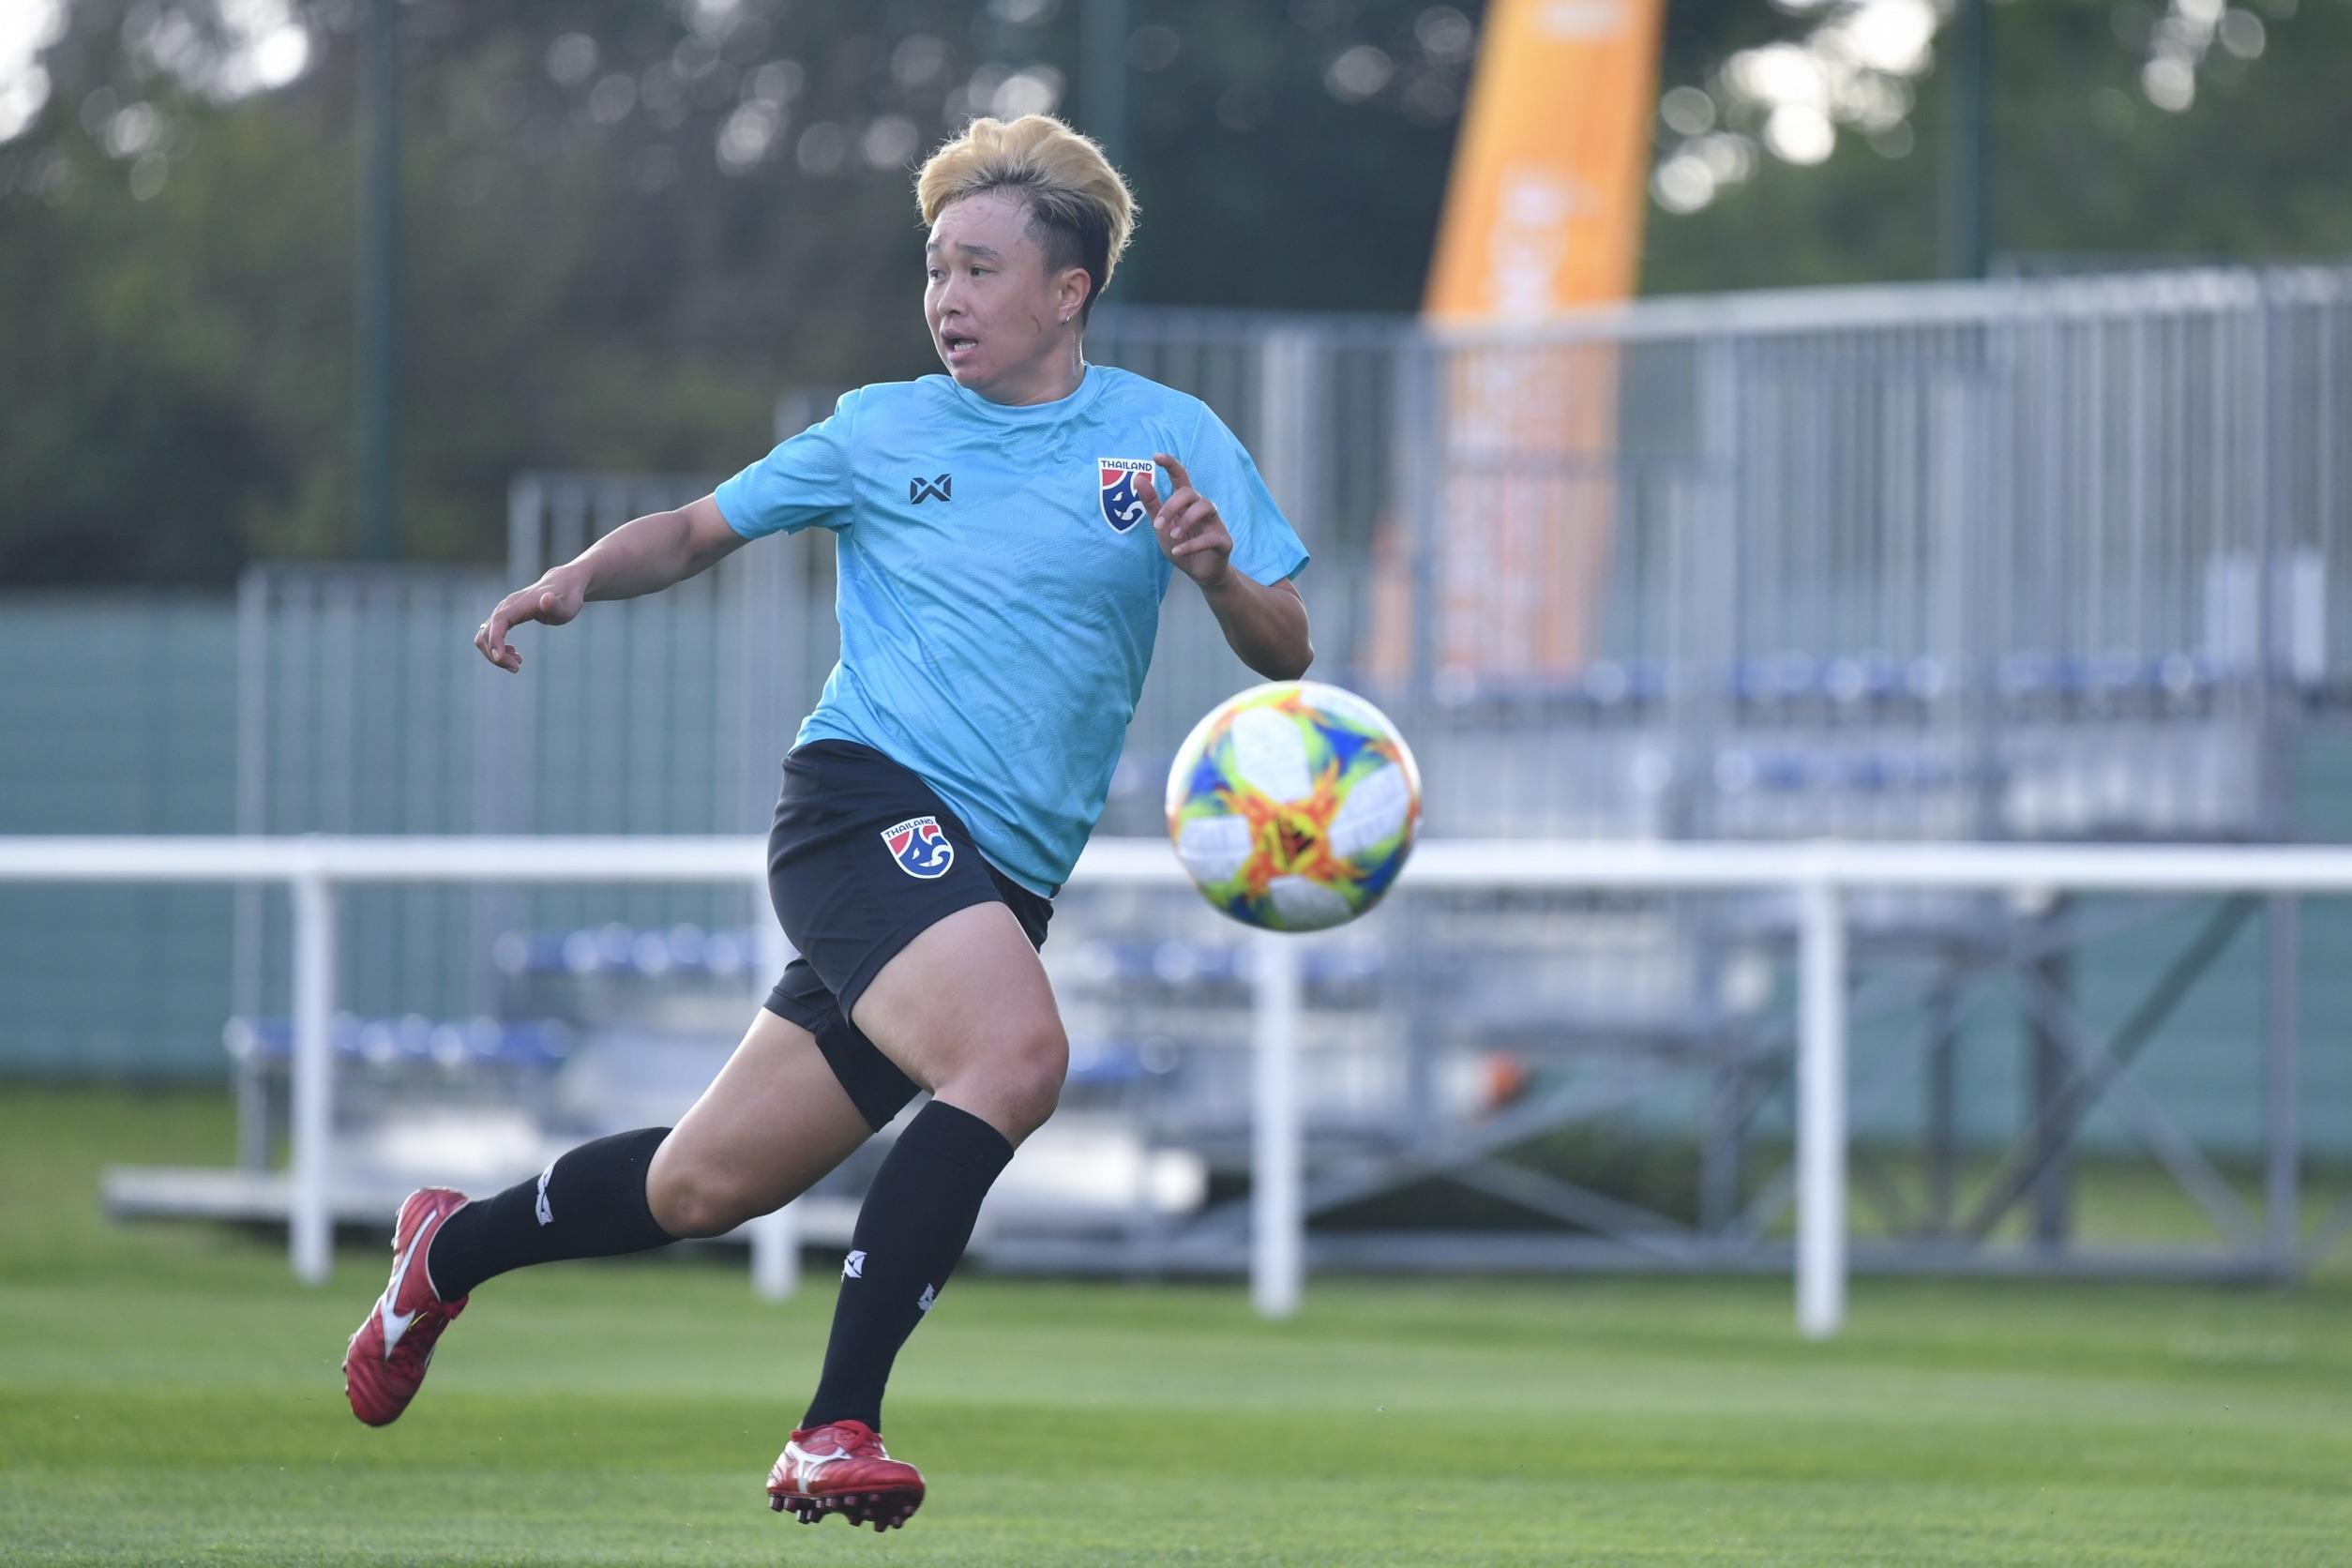 ทีมชาติสหรัฐอเมริกา ฟุตบอลหญิงชิงแชมป์โลก 2019 ฟุตบอลหญิงทีมชาติไทย รัตติกาล ทองสมบัติ